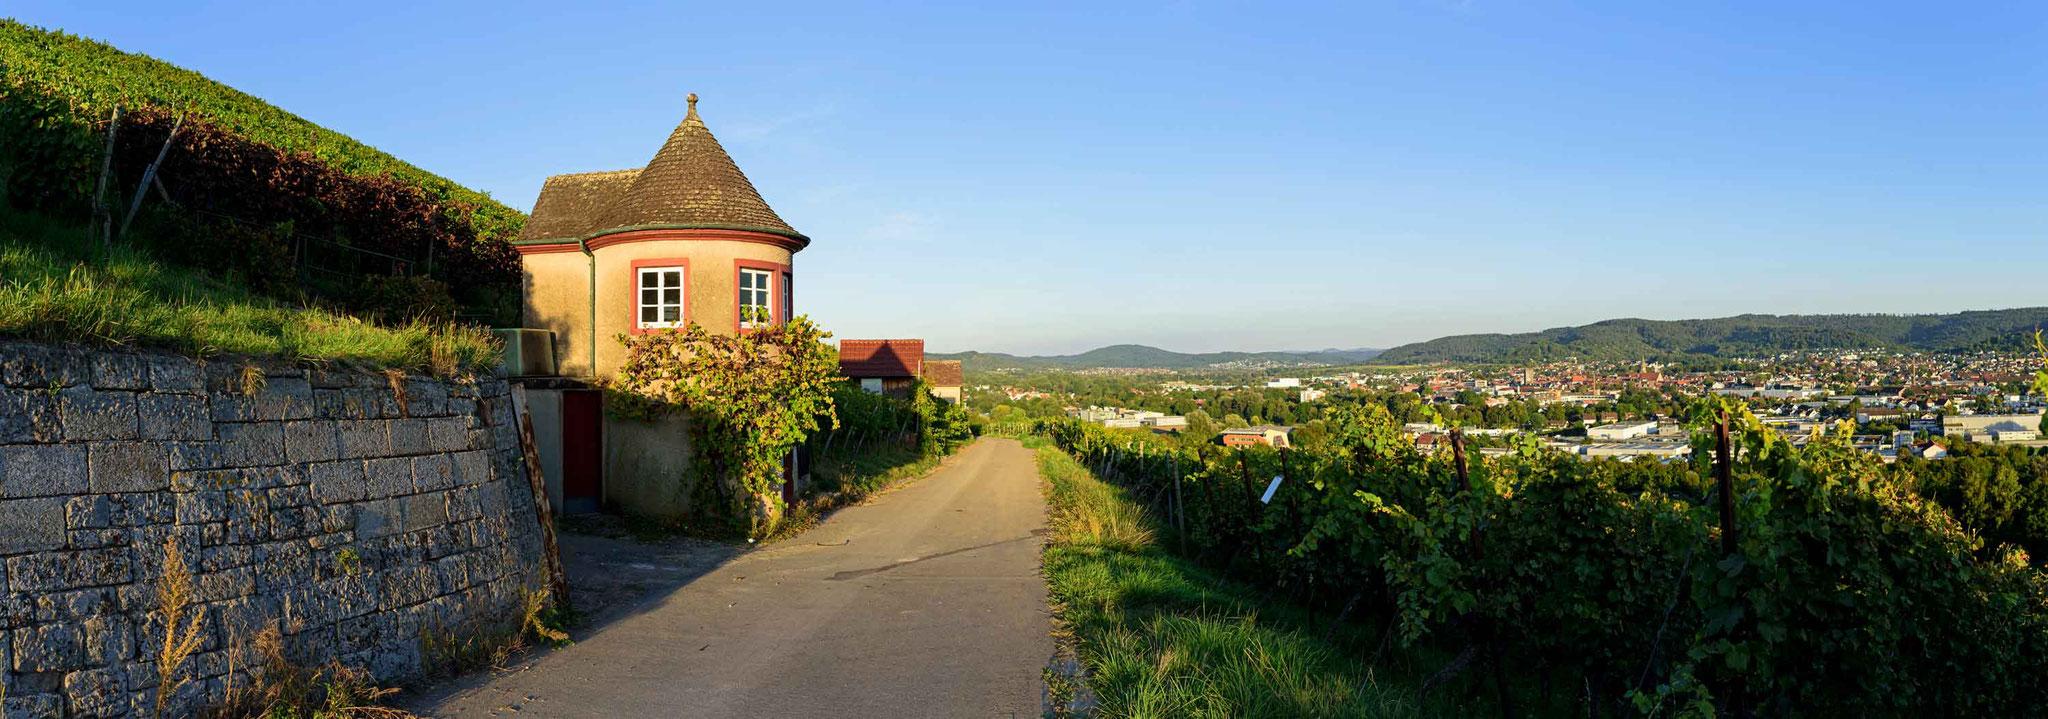 Grafenberg Schorndorf - Panoramaaufnahme für die Rems-Murr-Klinik Schorndorf